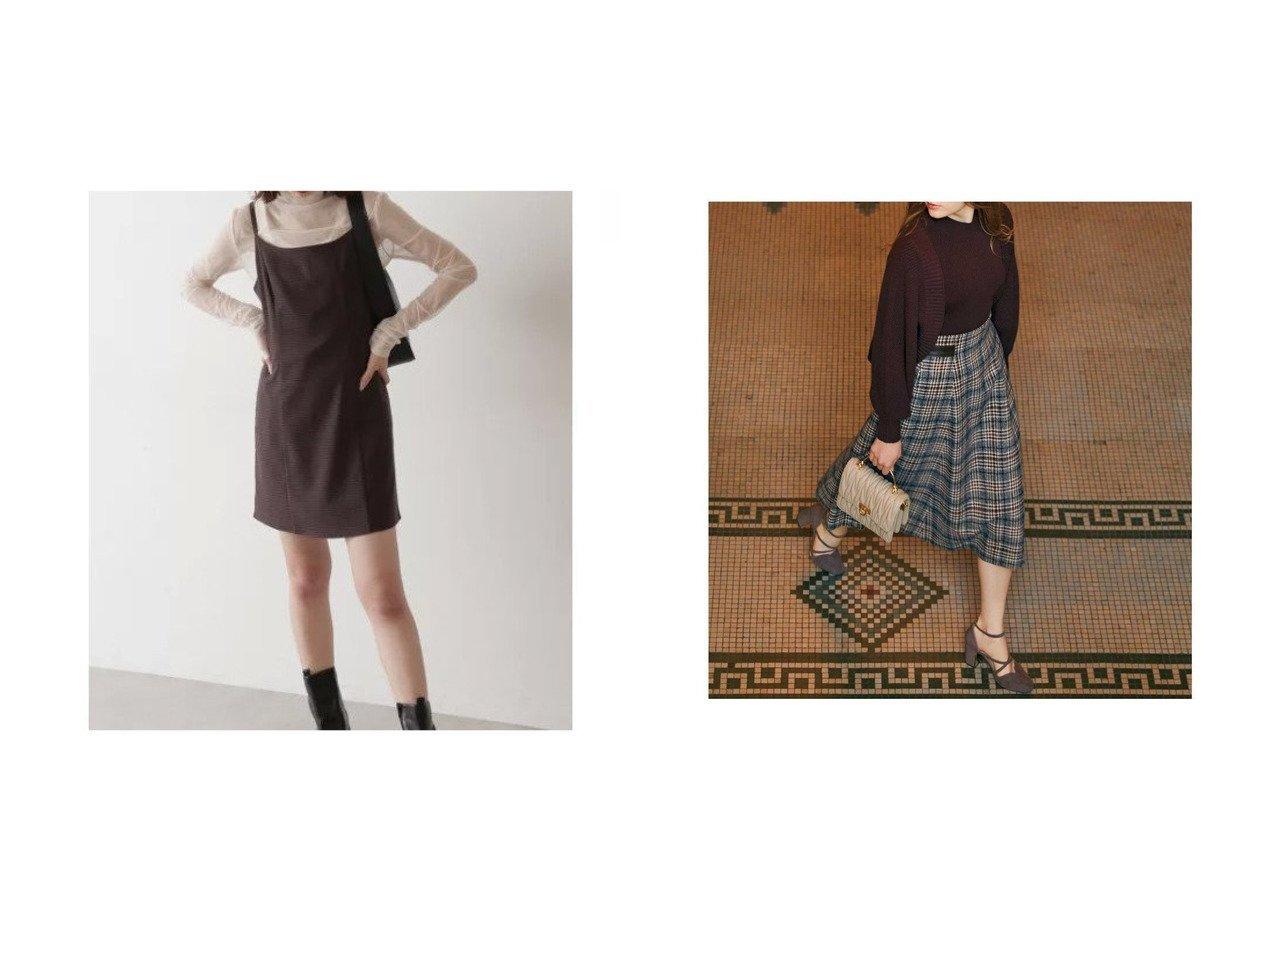 【Noela/ノエラ】の先染めチェックスカート&【FREE'S MART/フリーズマート】のチェック柄Aラインミニ丈ジャンパースカート 【スカート】おすすめ!人気、トレンド・レディースファッションの通販 おすすめで人気の流行・トレンド、ファッションの通販商品 インテリア・家具・メンズファッション・キッズファッション・レディースファッション・服の通販 founy(ファニー) https://founy.com/ ファッション Fashion レディースファッション WOMEN スカート Skirt A/W・秋冬 AW・Autumn/Winter・FW・Fall-Winter おすすめ Recommend コンパクト シンプル ジャケット セットアップ チェック トレンド フィット ラップ 今季 切替 2021年 2021 2021-2022秋冬・A/W AW・Autumn/Winter・FW・Fall-Winter・2021-2022 エレガント フレア ポケット 秋 Autumn/Fall |ID:crp329100000069611